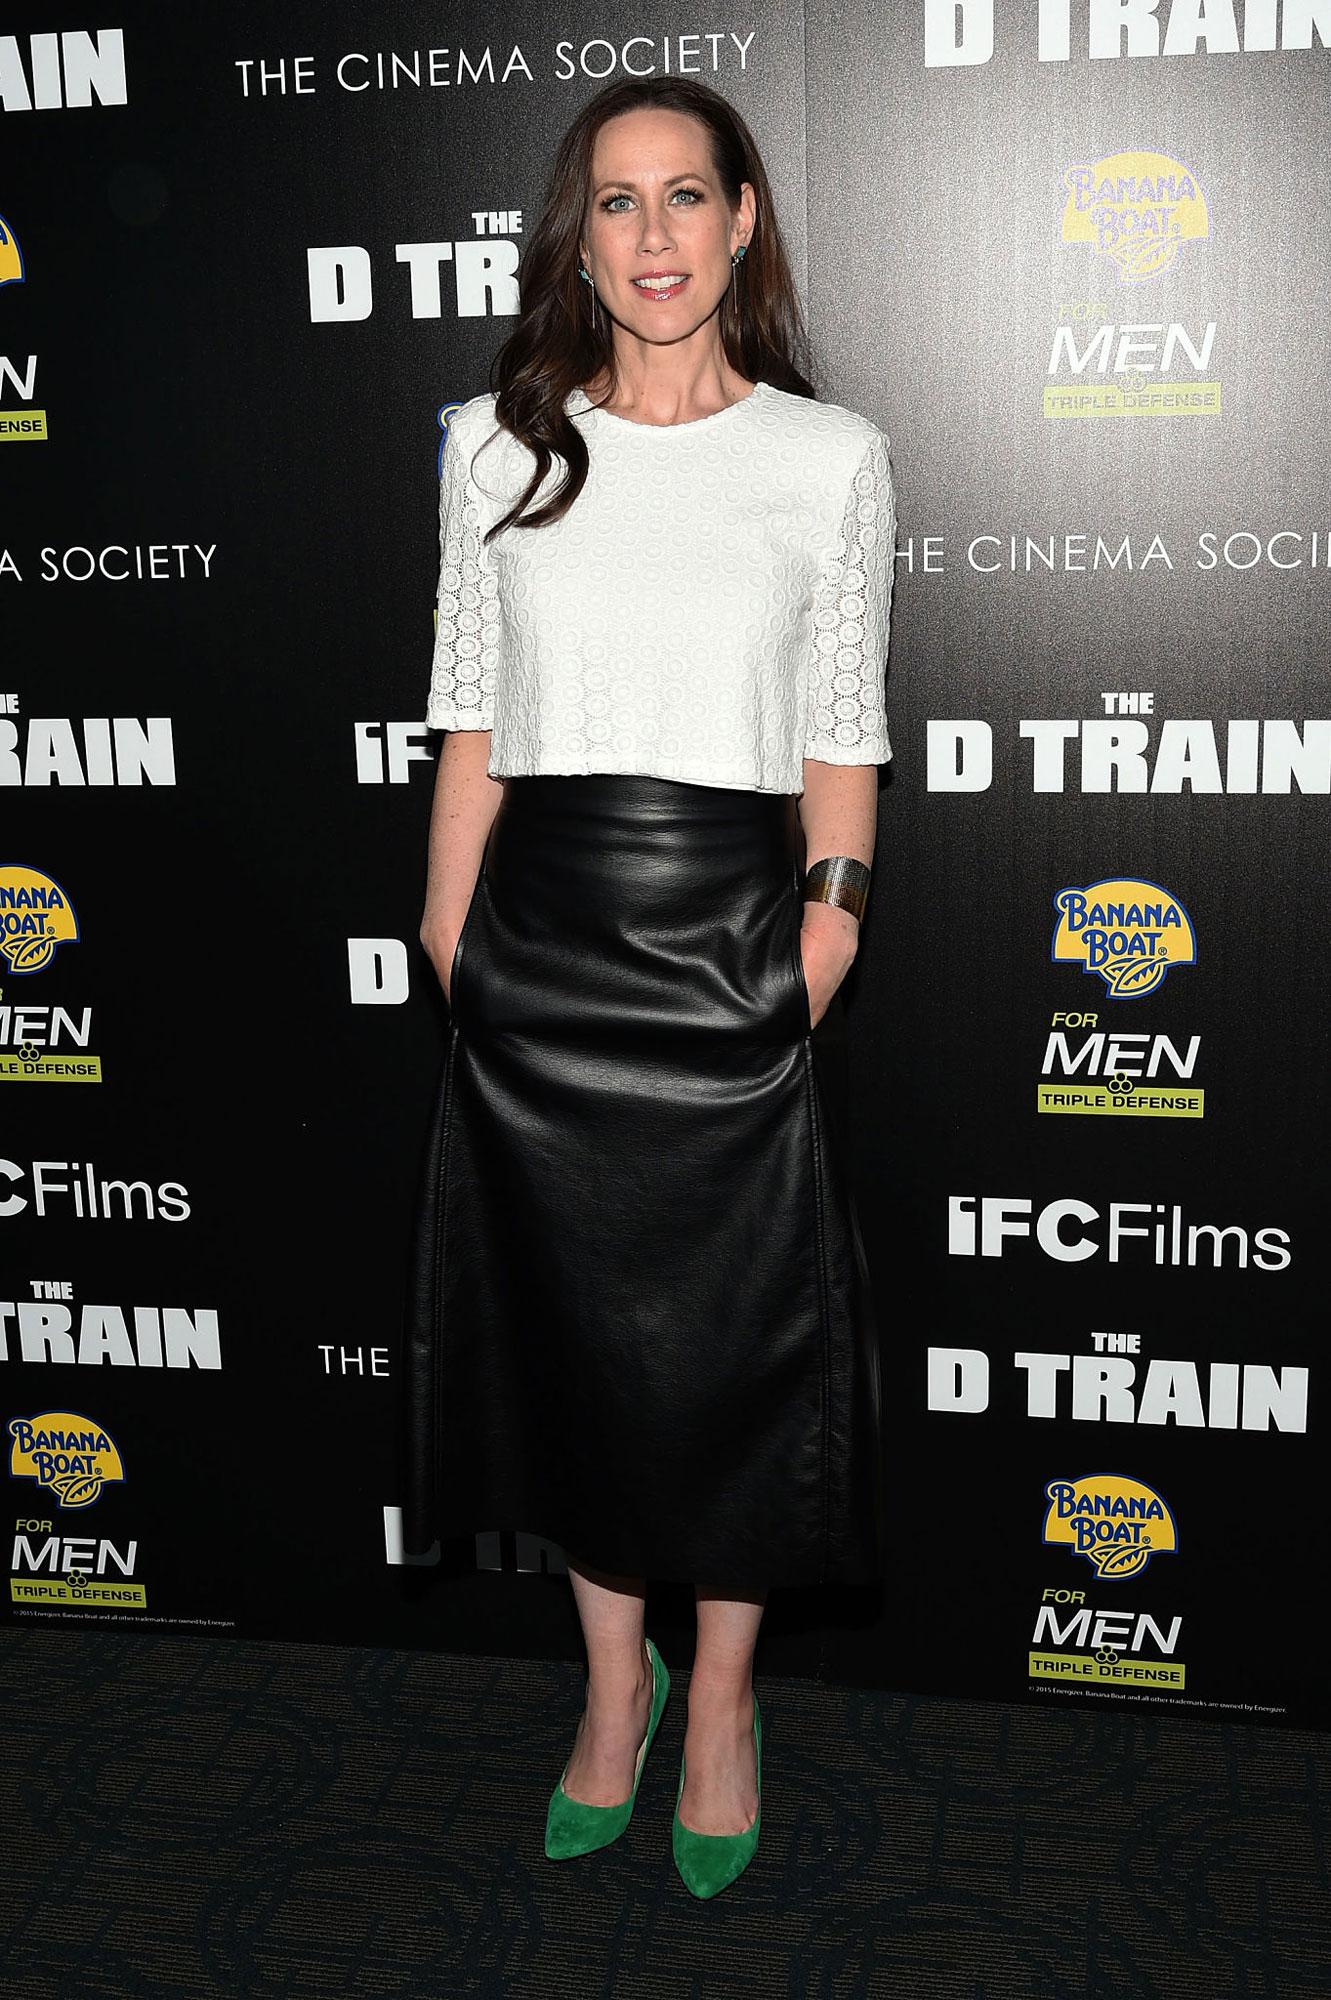 Miriam Shor attends The Cinema Society & Banana Boat